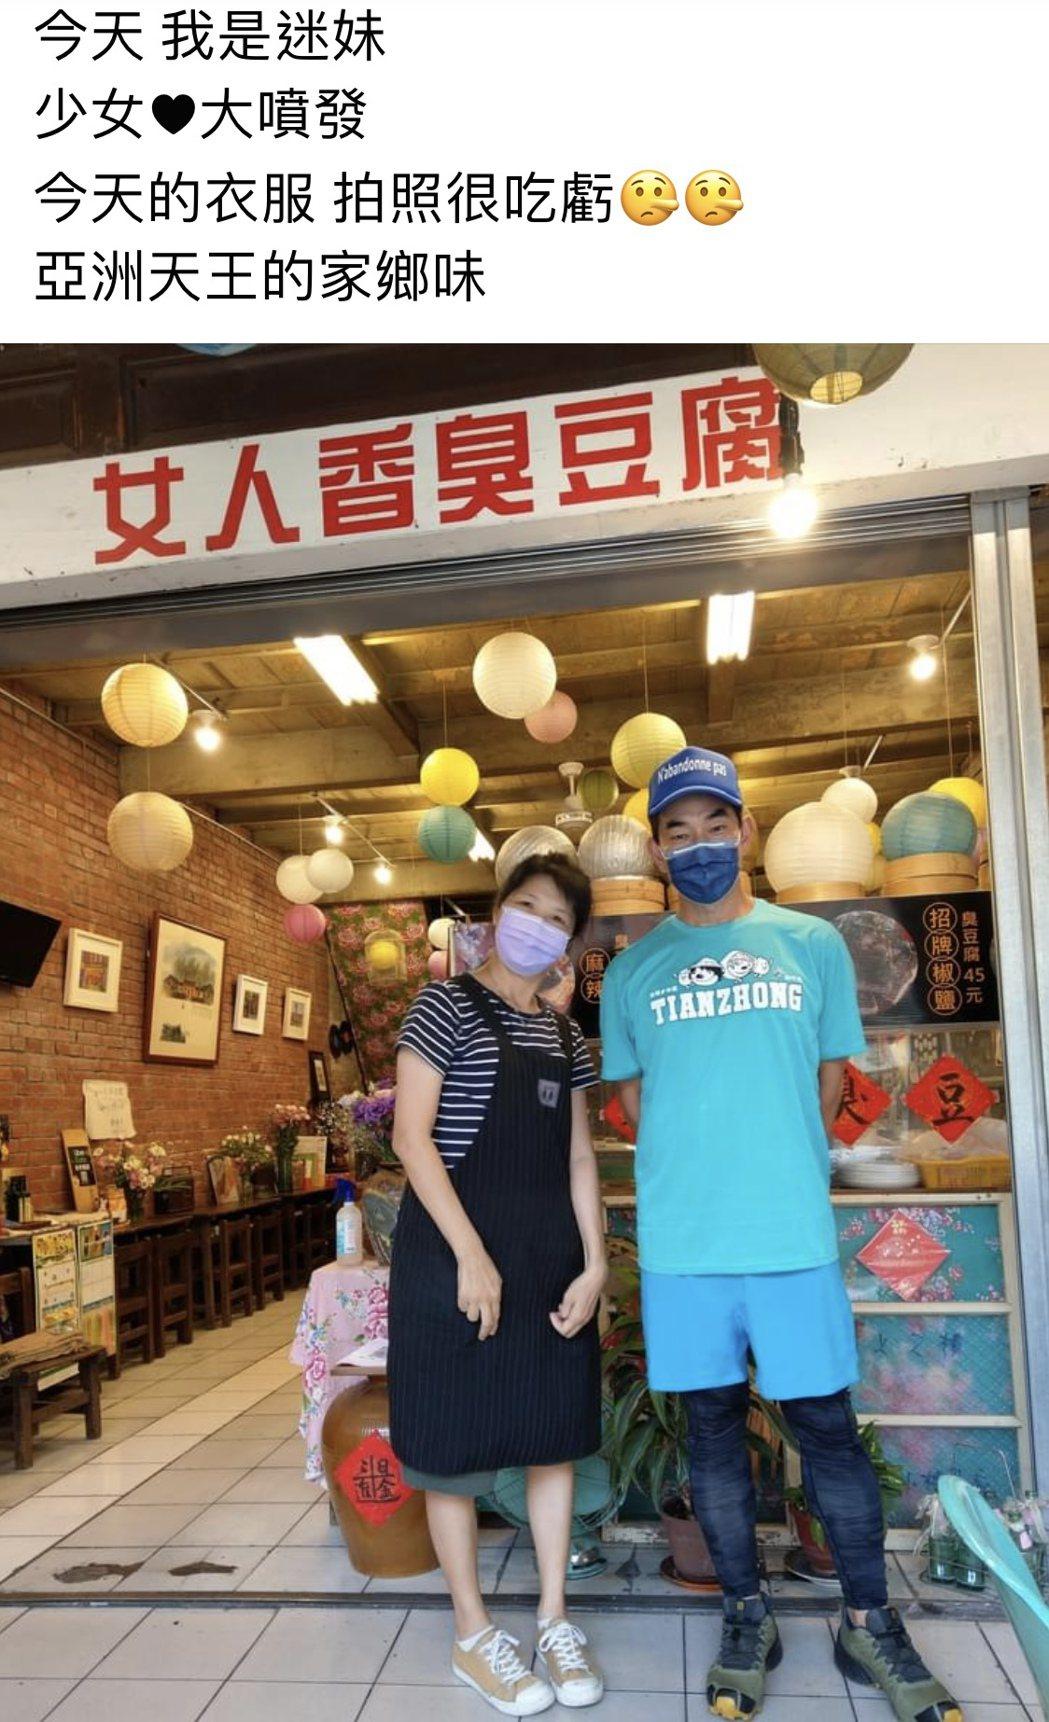 出身田中的亞洲天王任賢齊昨天也到女人香買臭豆腐,黃小莉說,任賢齊為他們加油,說「